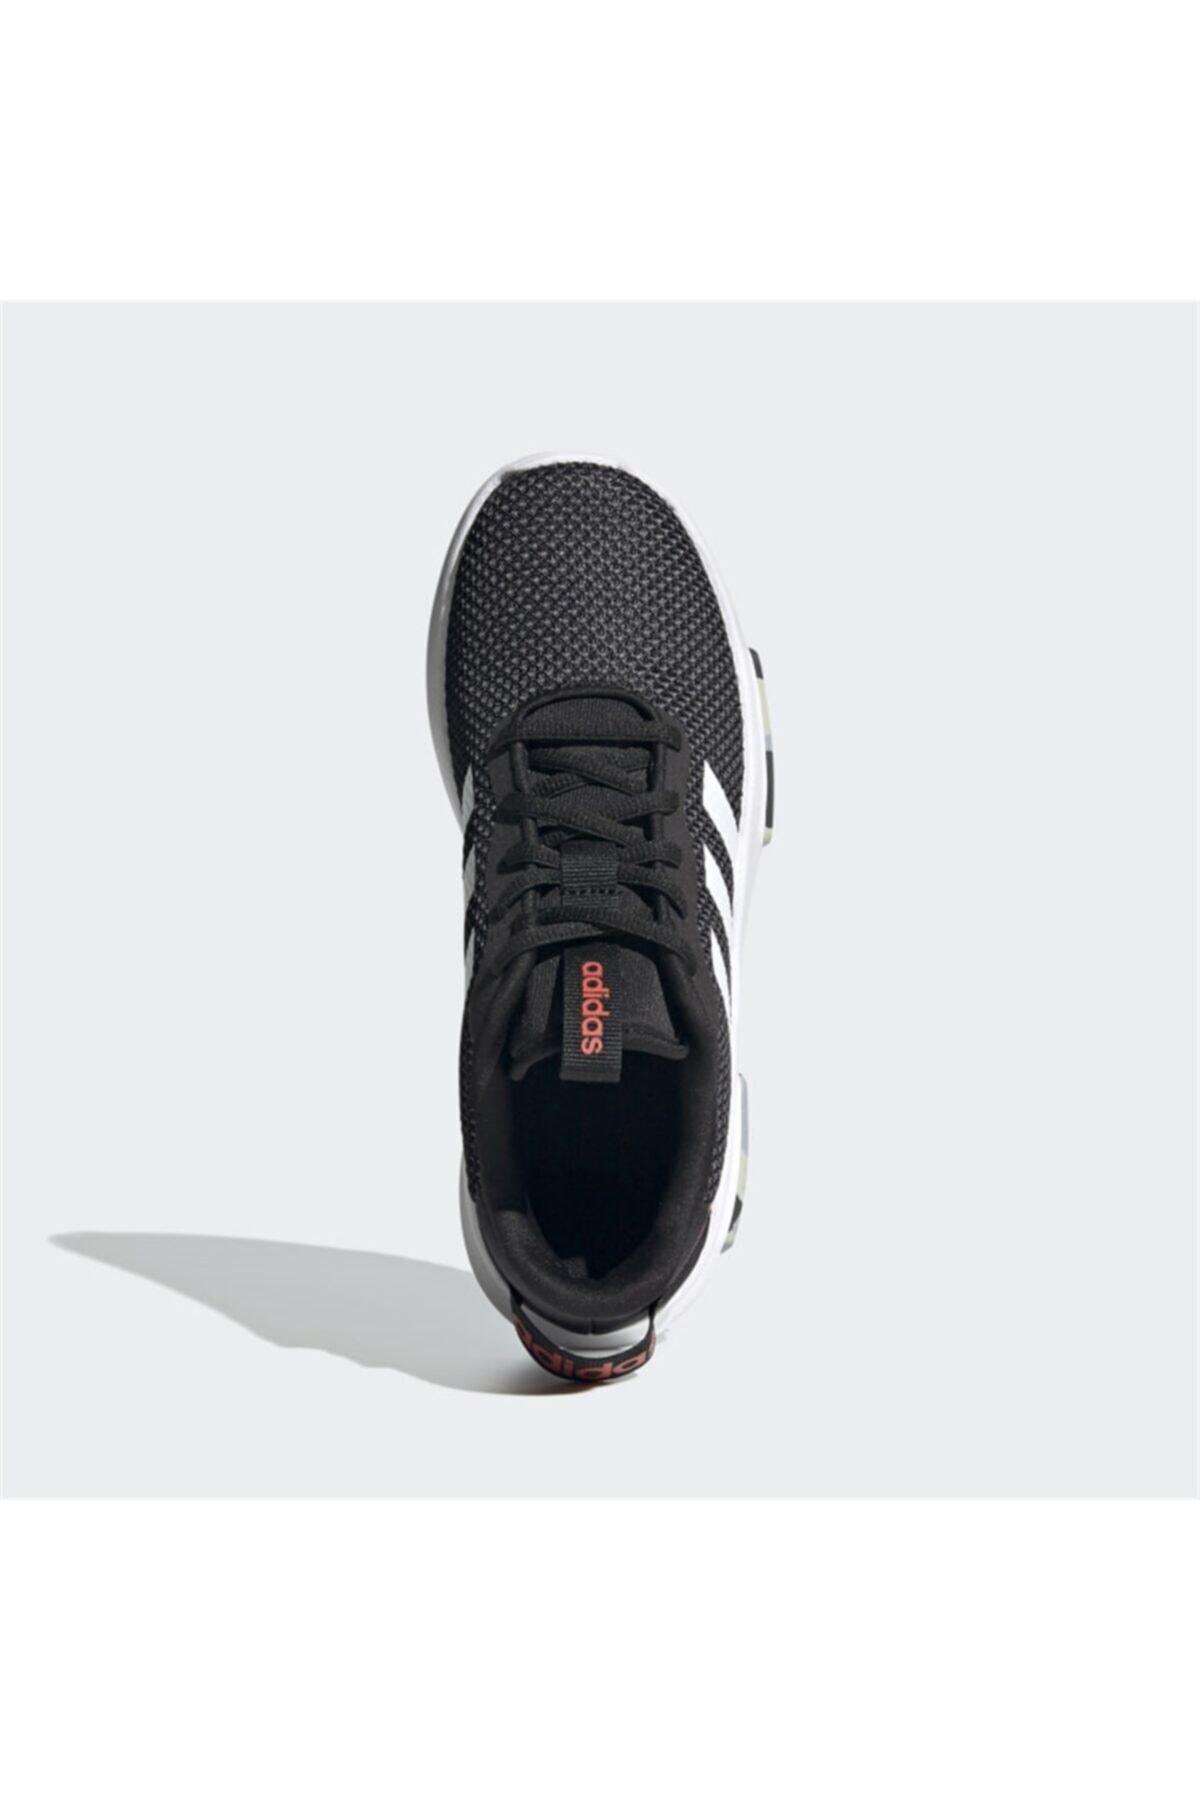 adidas Erkek Çocuk Koşu - Yürüyüş Ayakkabı Racer Tr 2.0 K Fy9484 2